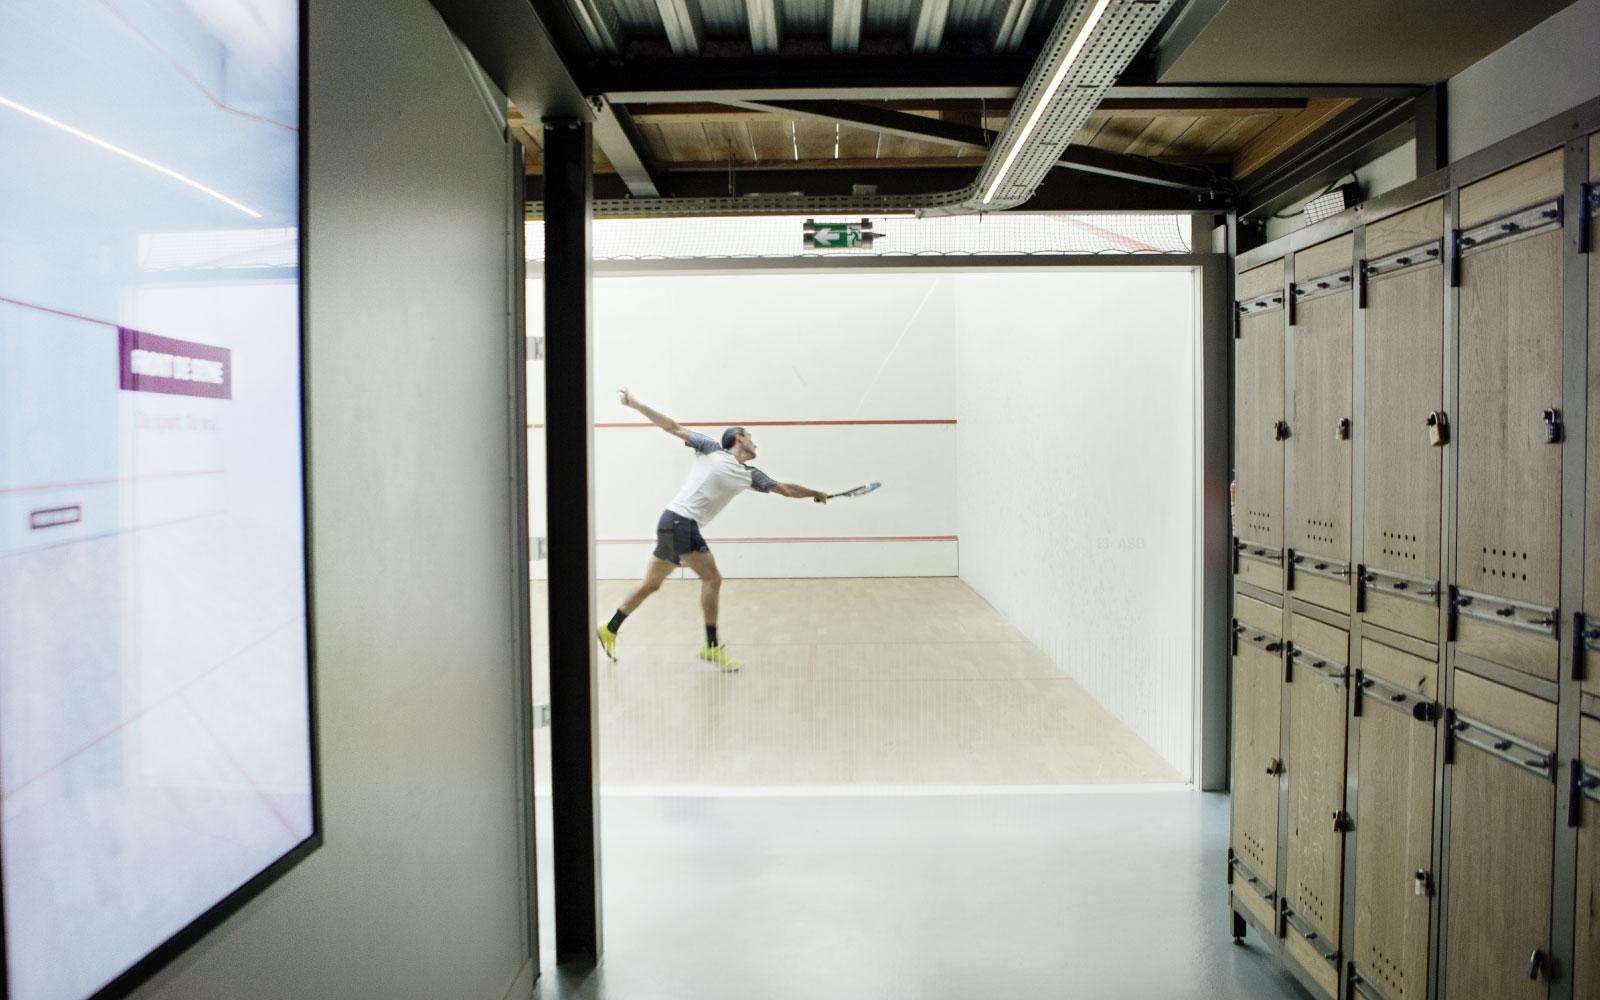 Squash Initiation